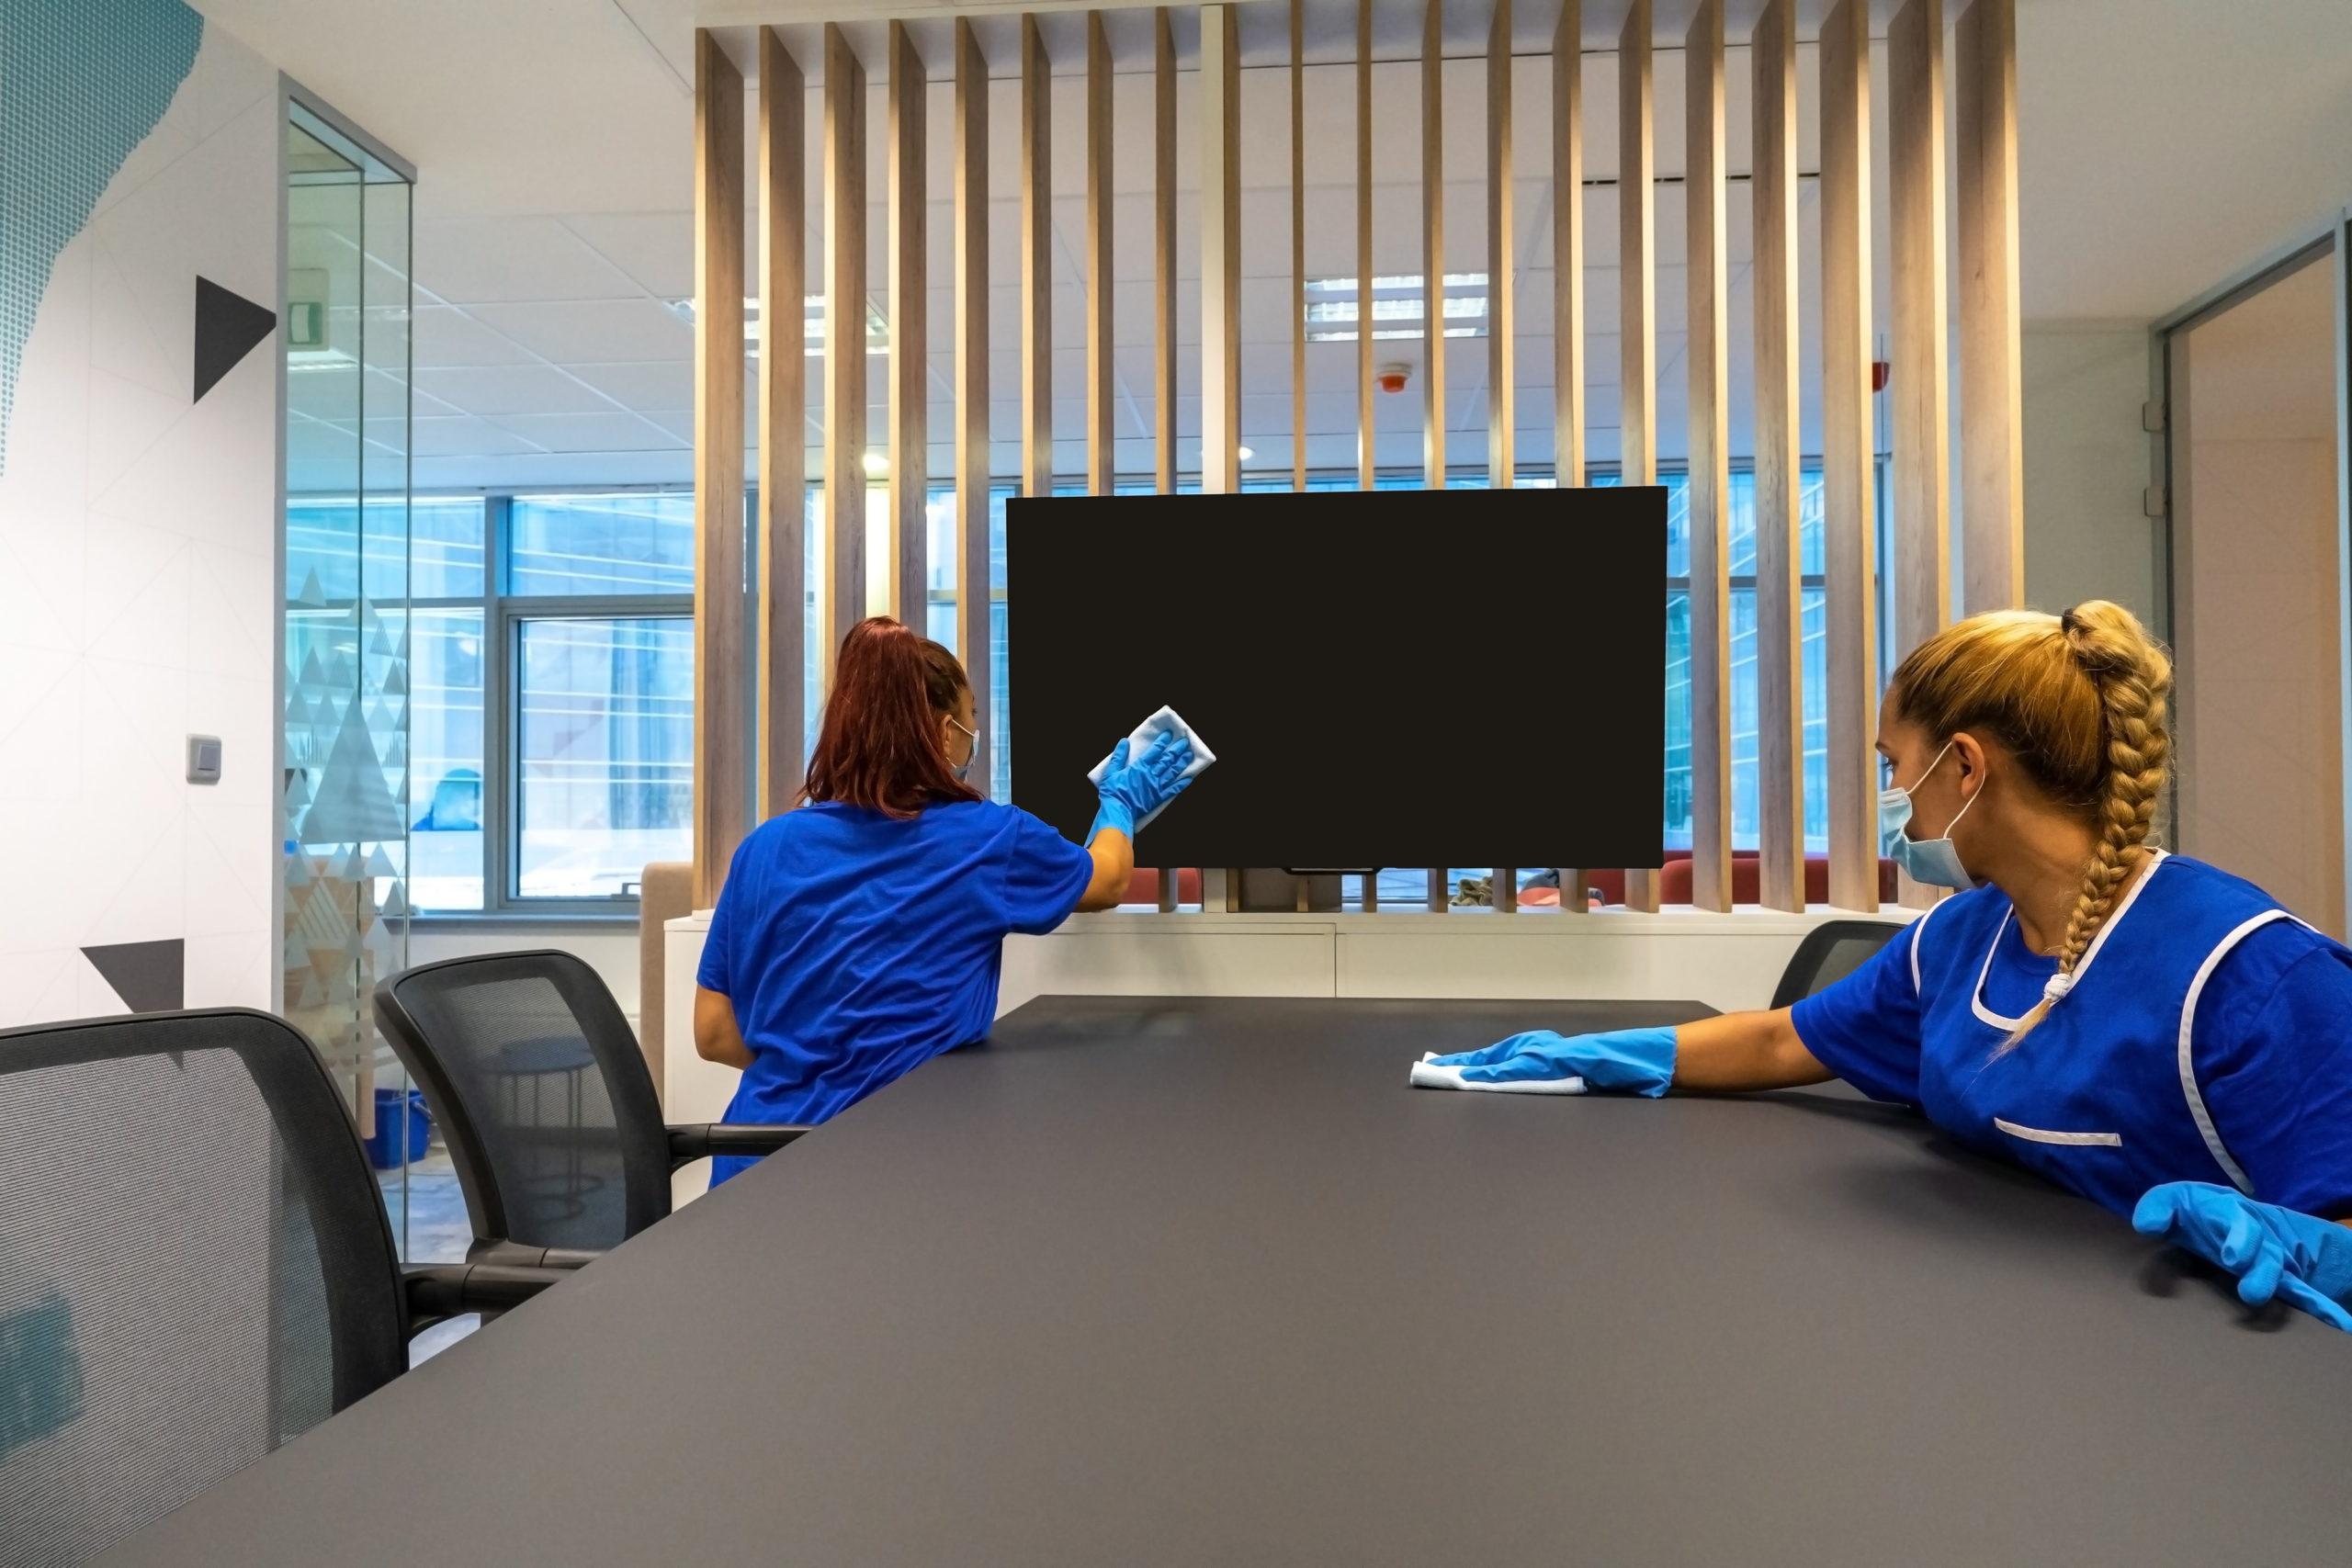 Entreprise de nettoyage de bureaux à Liège - Immo Clean Pro